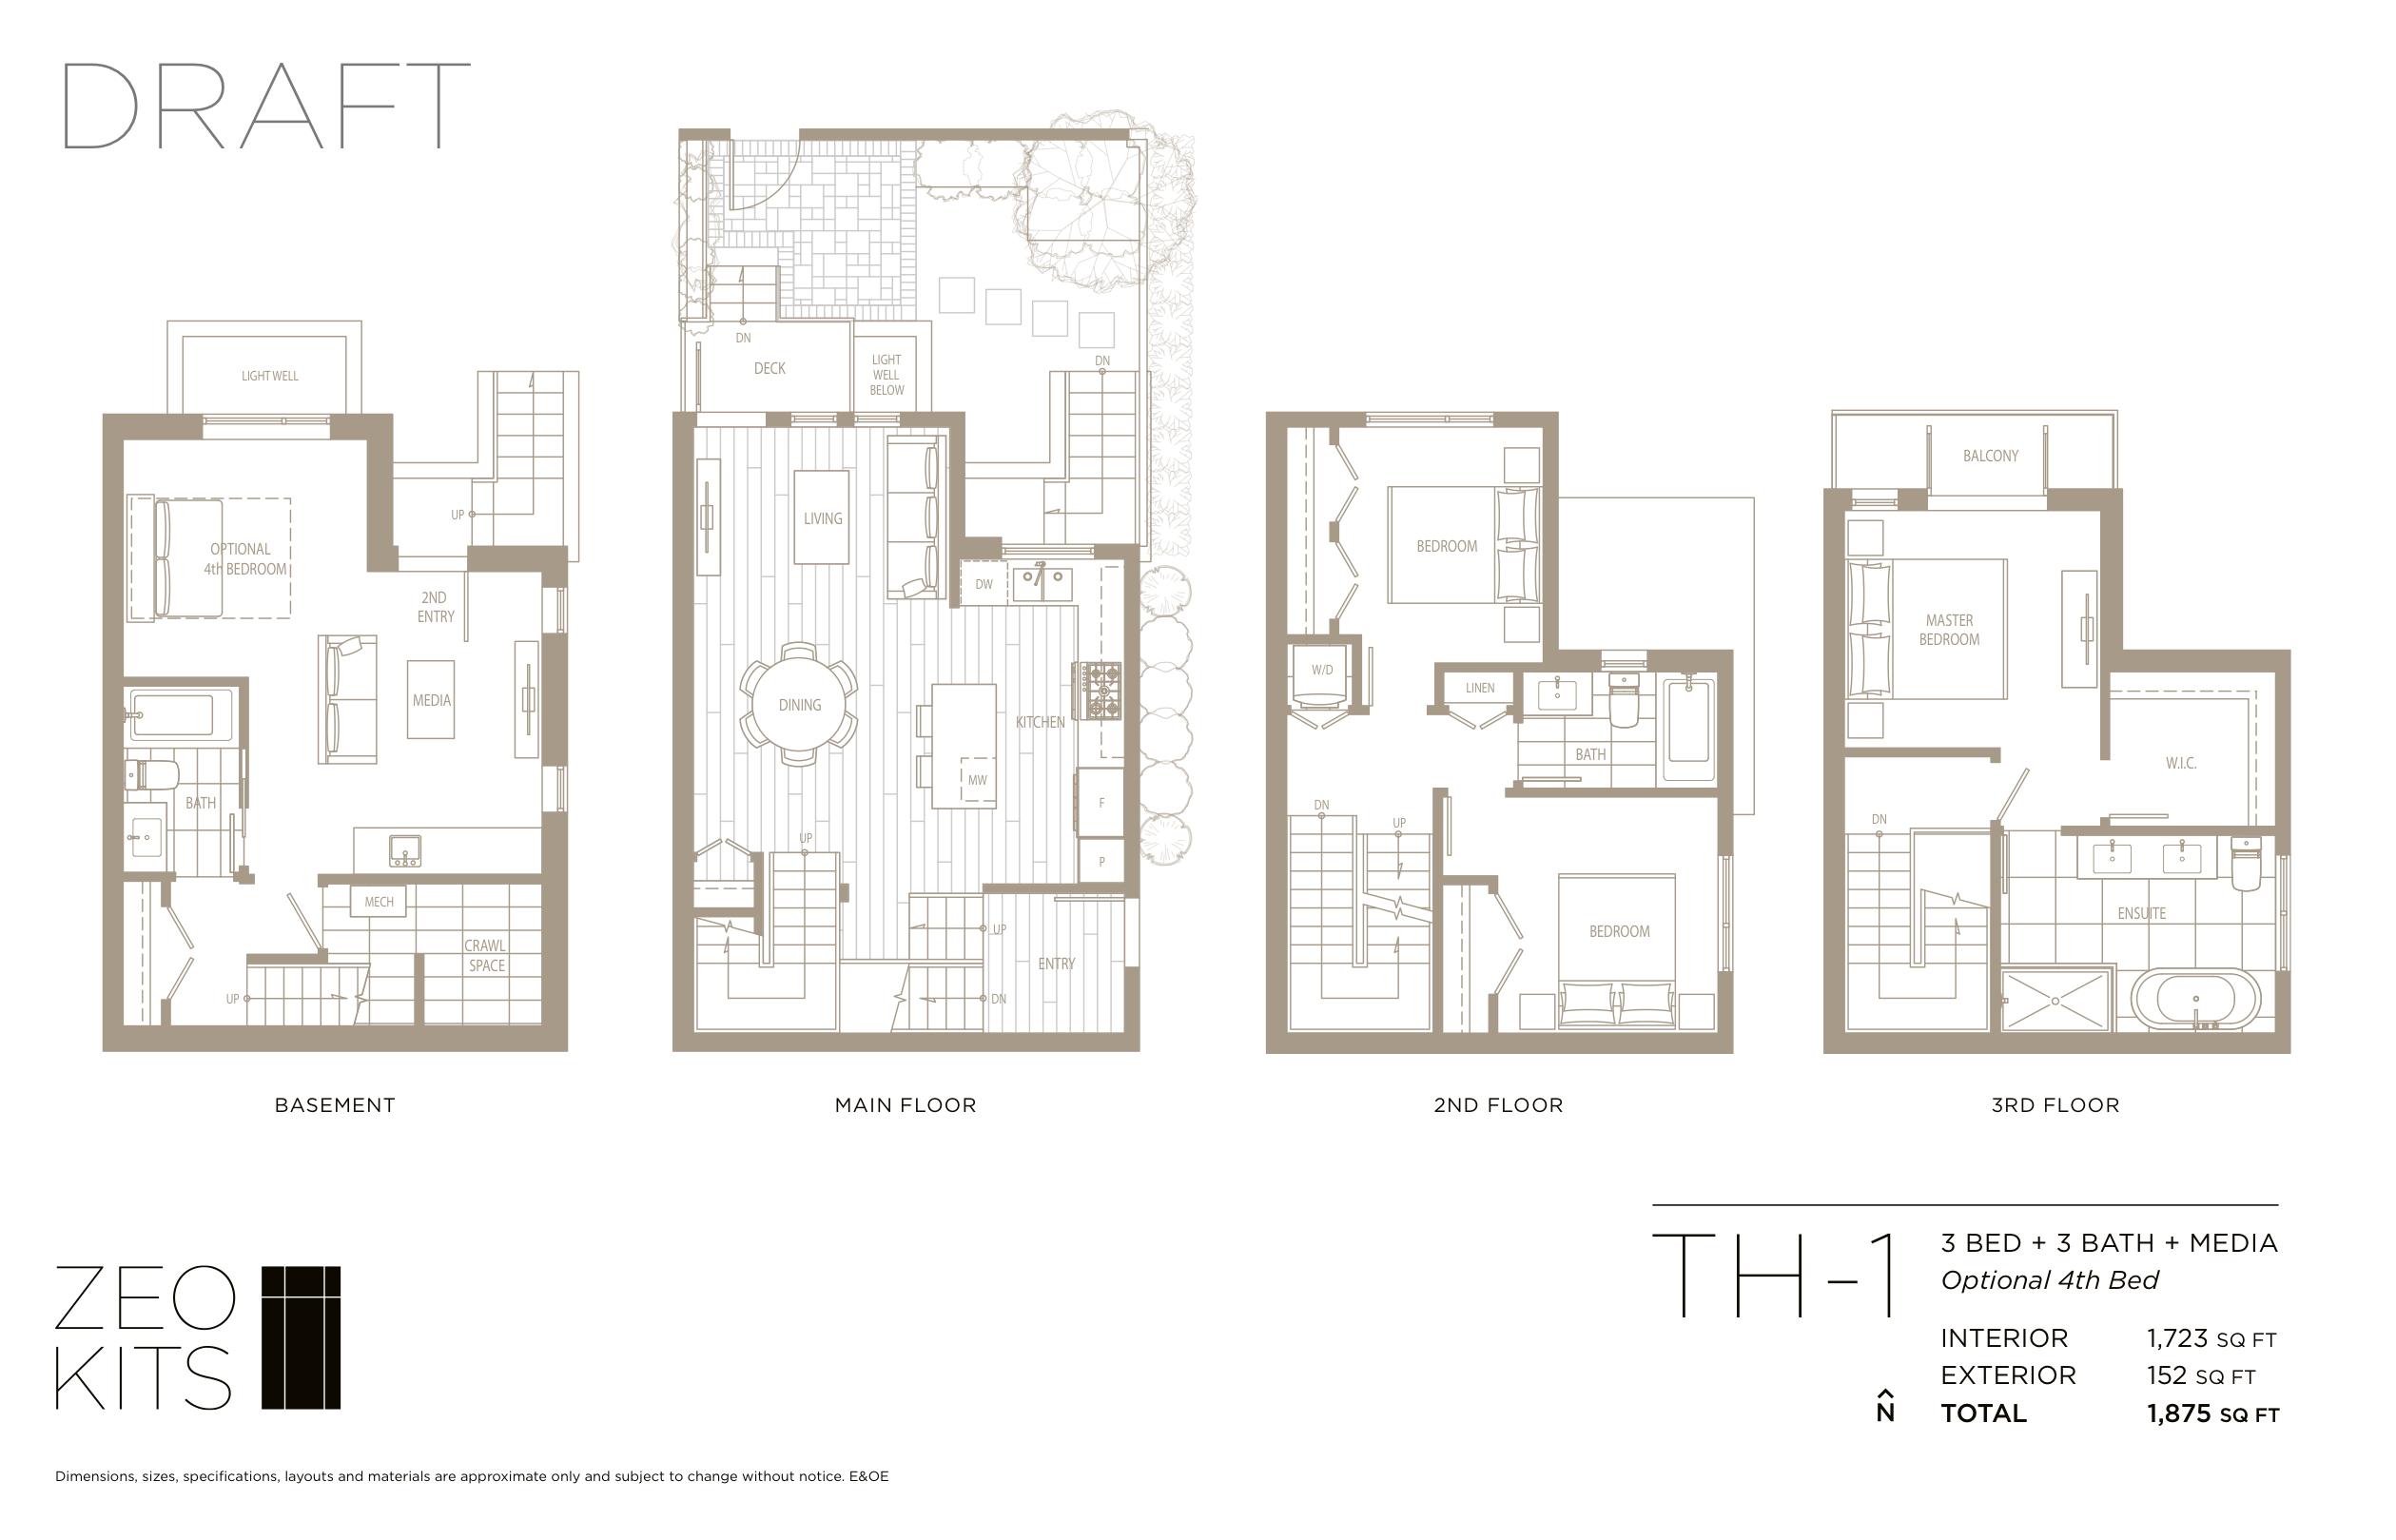 Sample 3 bed + 3 bath + media floorplan.